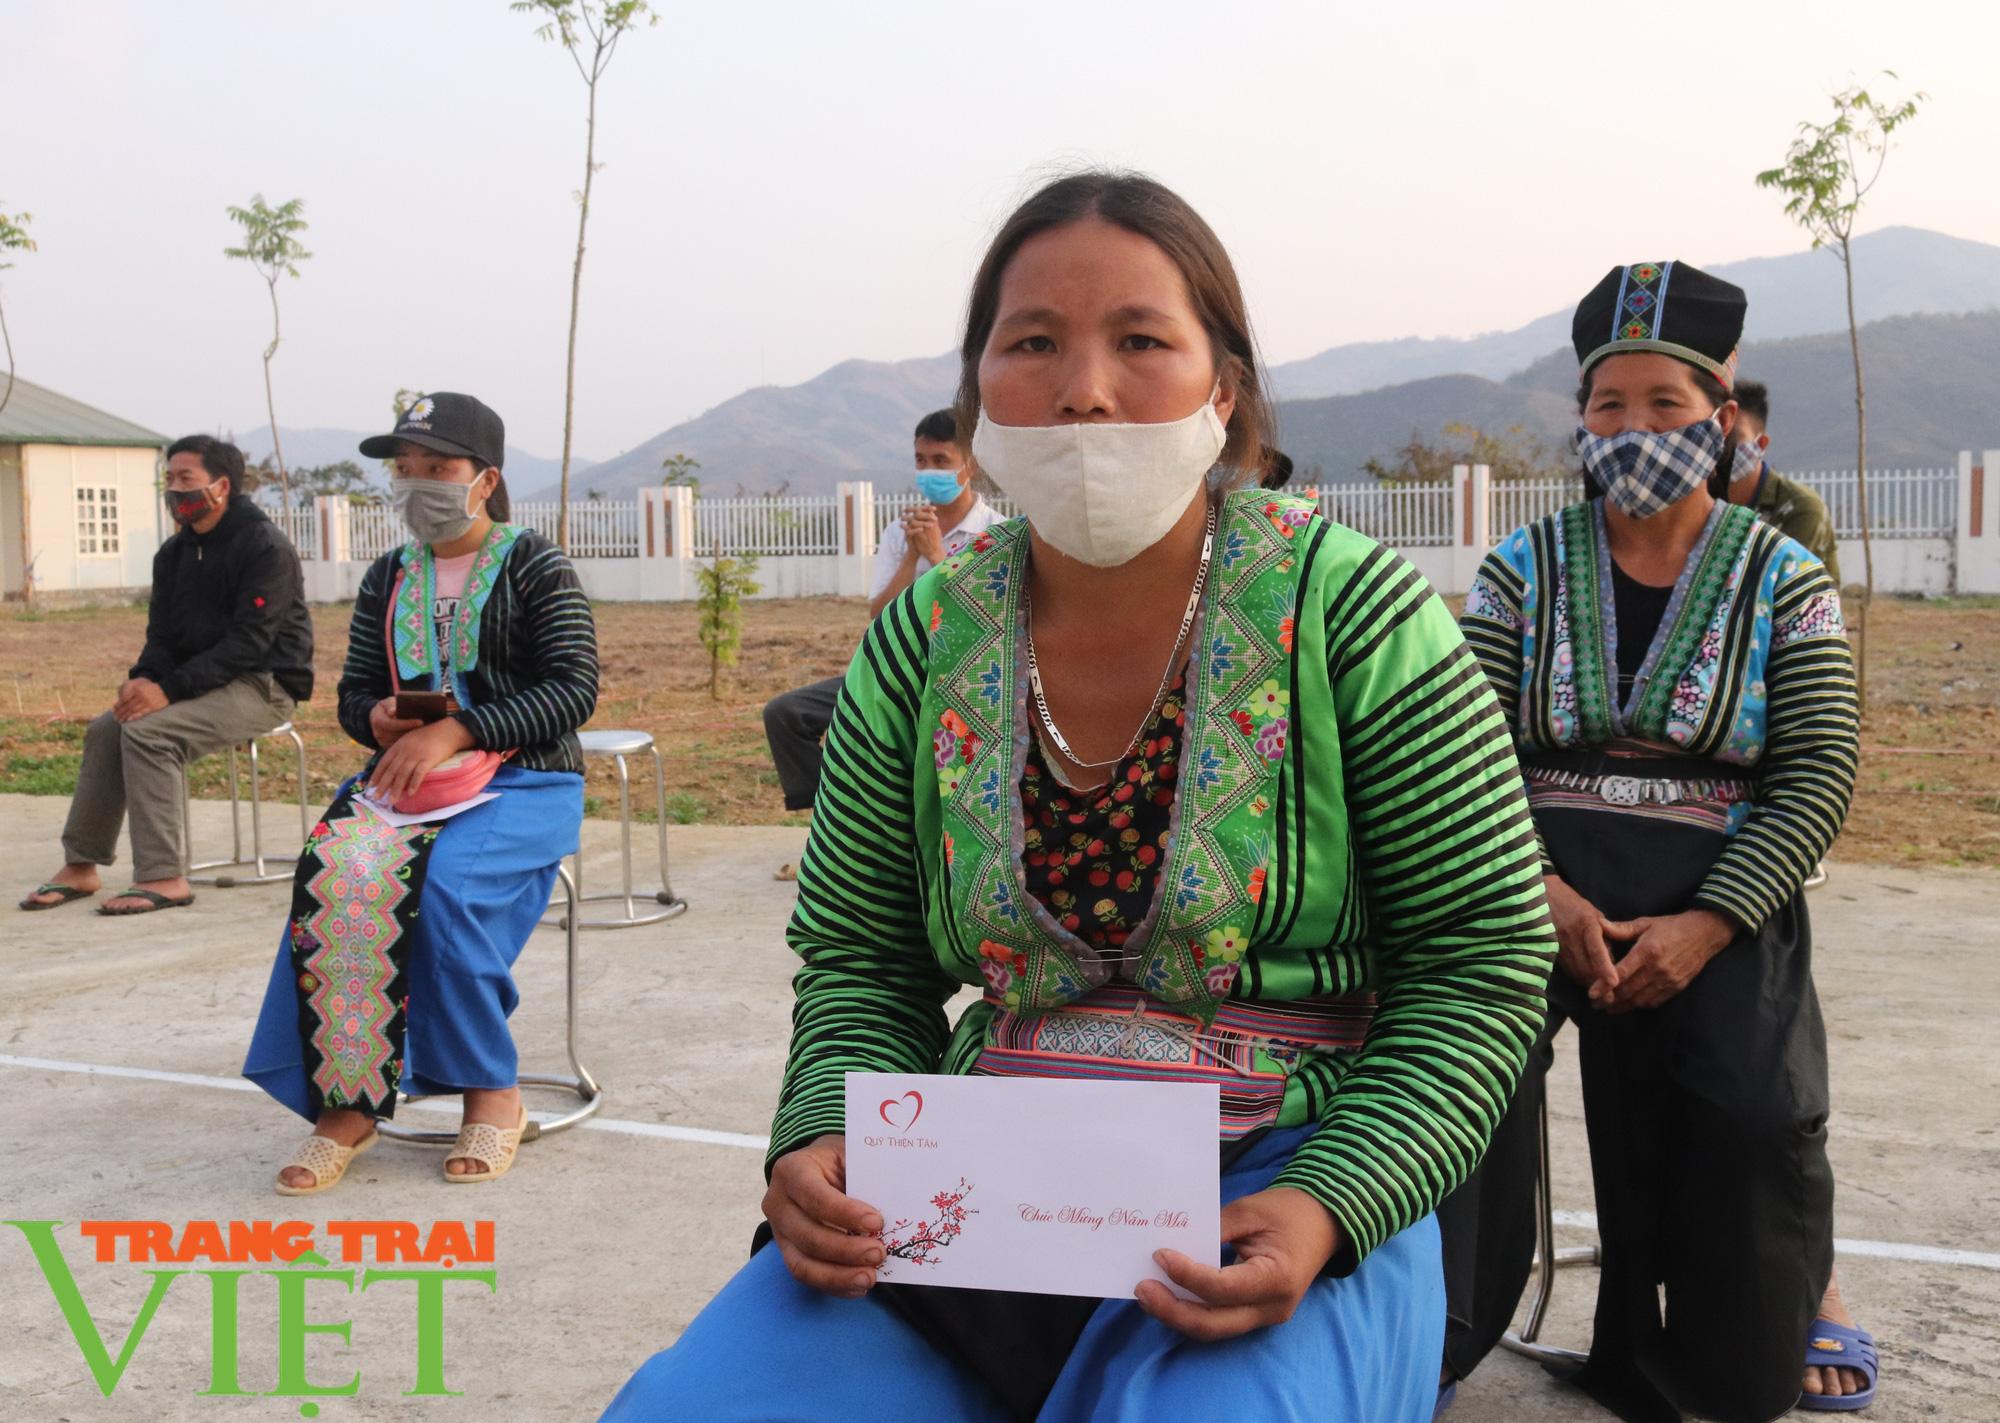 Báo NTNN/Dân Việt/Trang Trại Việt chung tay lo tết với nông dân nghèo Sơn La  - Ảnh 9.